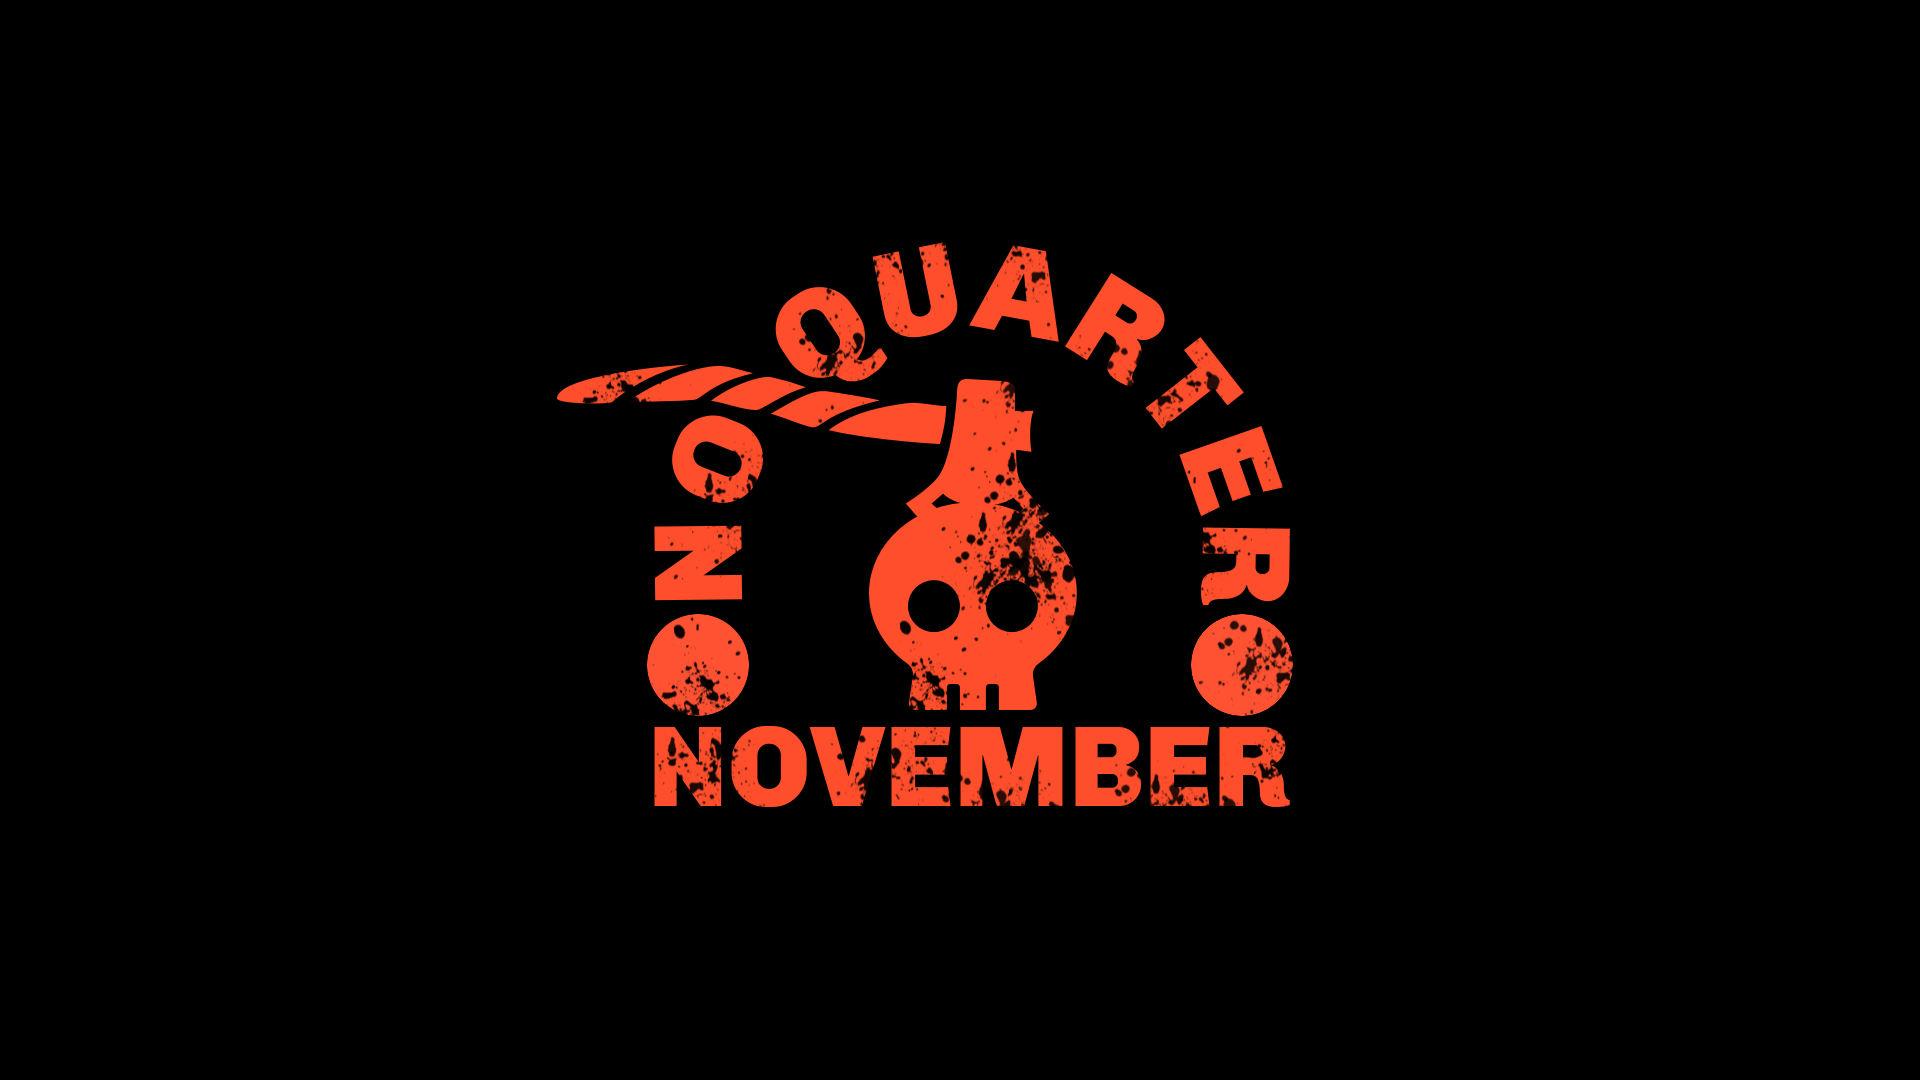 No Quarter November